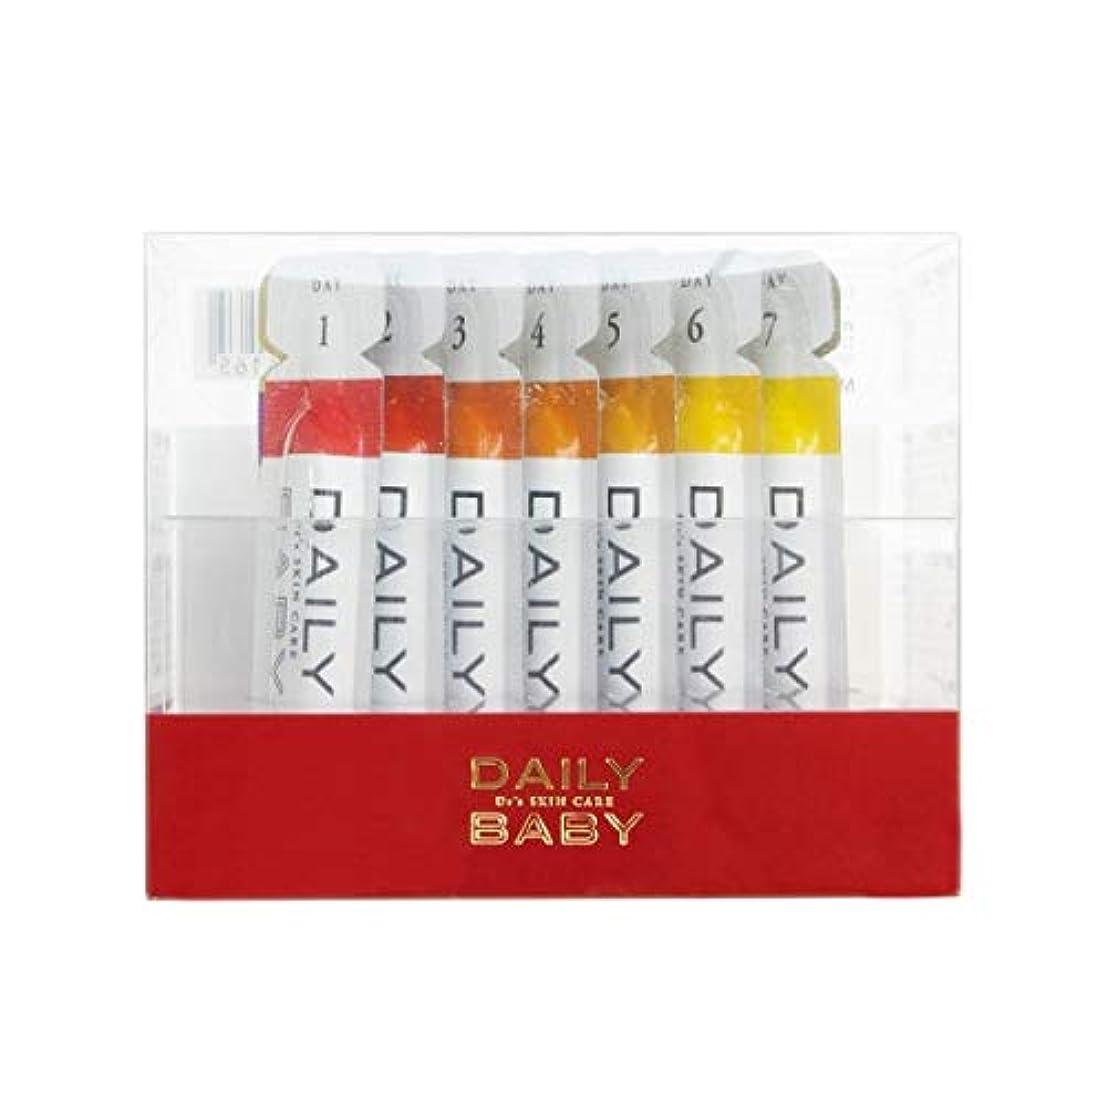 ドクターズ スキンケア デイリーベイビー クリアパッケージ (Dr's SKINCARE DAILY BABY)1week版(1箱14包×1箱)